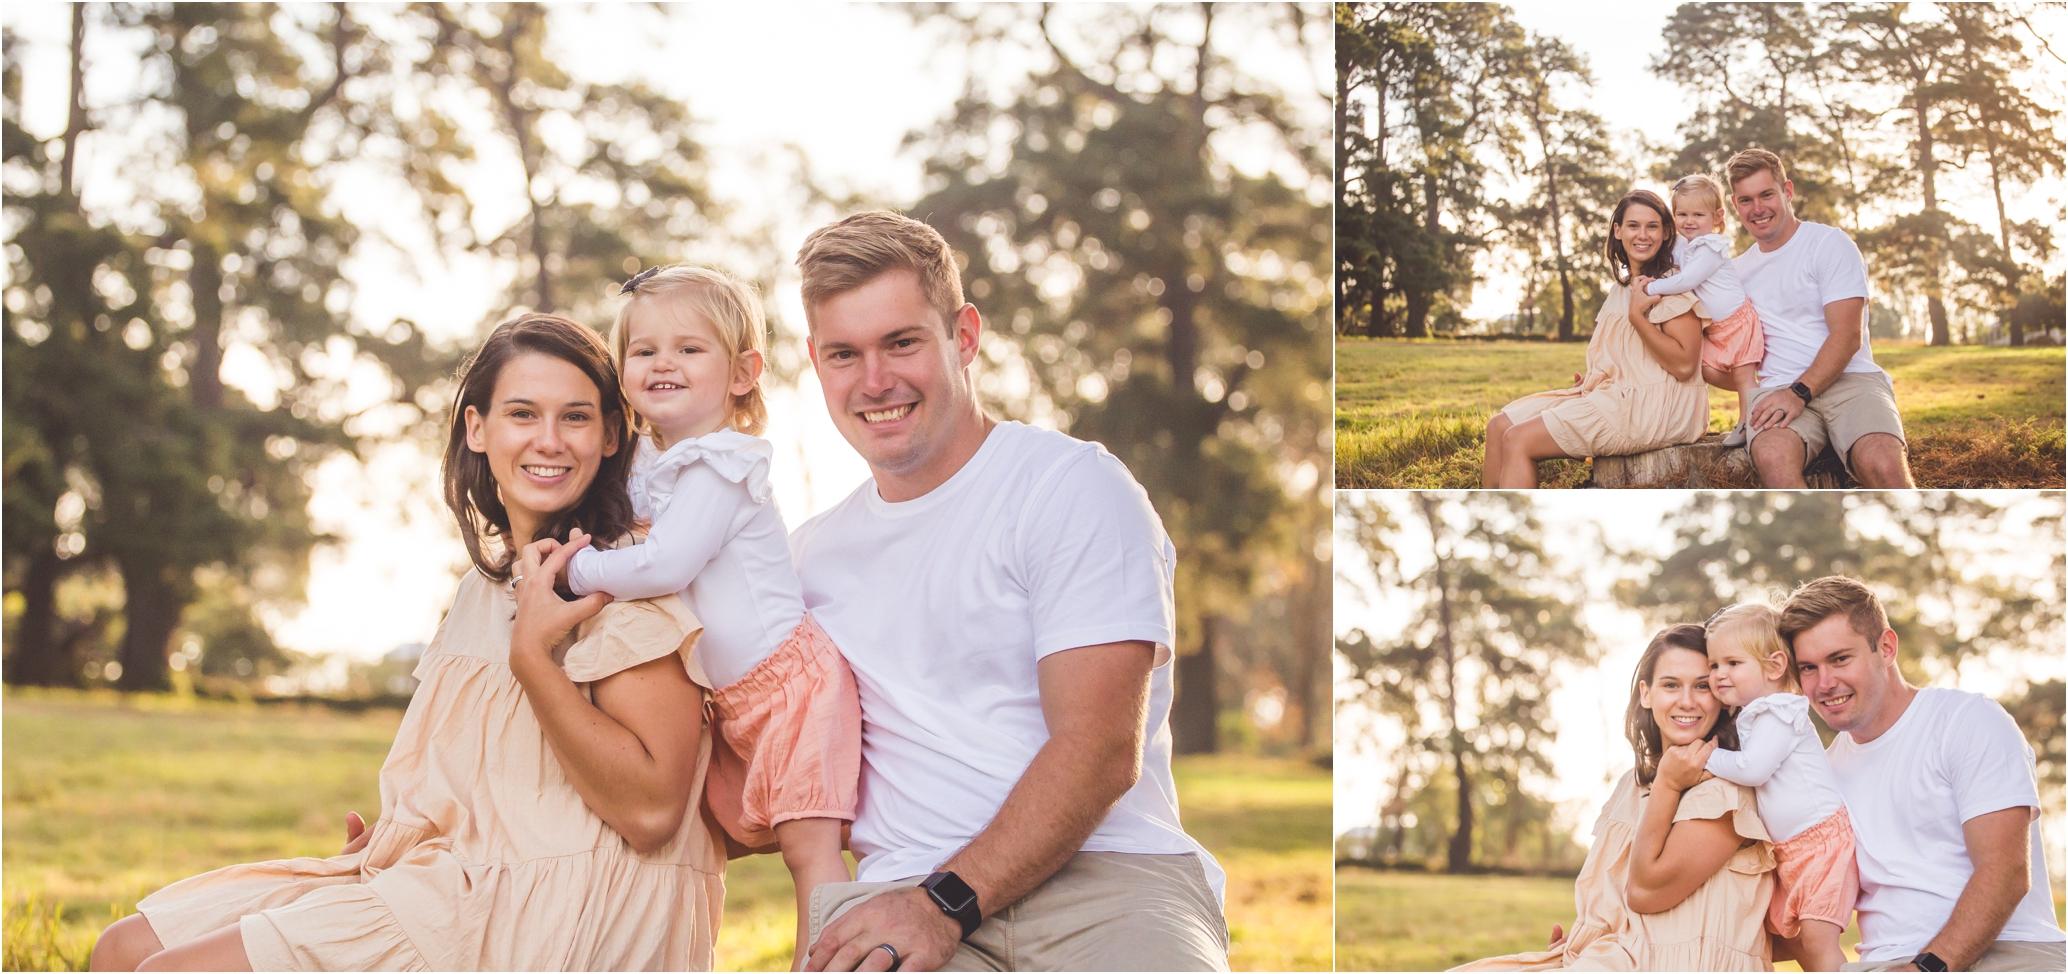 Familly Photos Geelong_1253.jpg